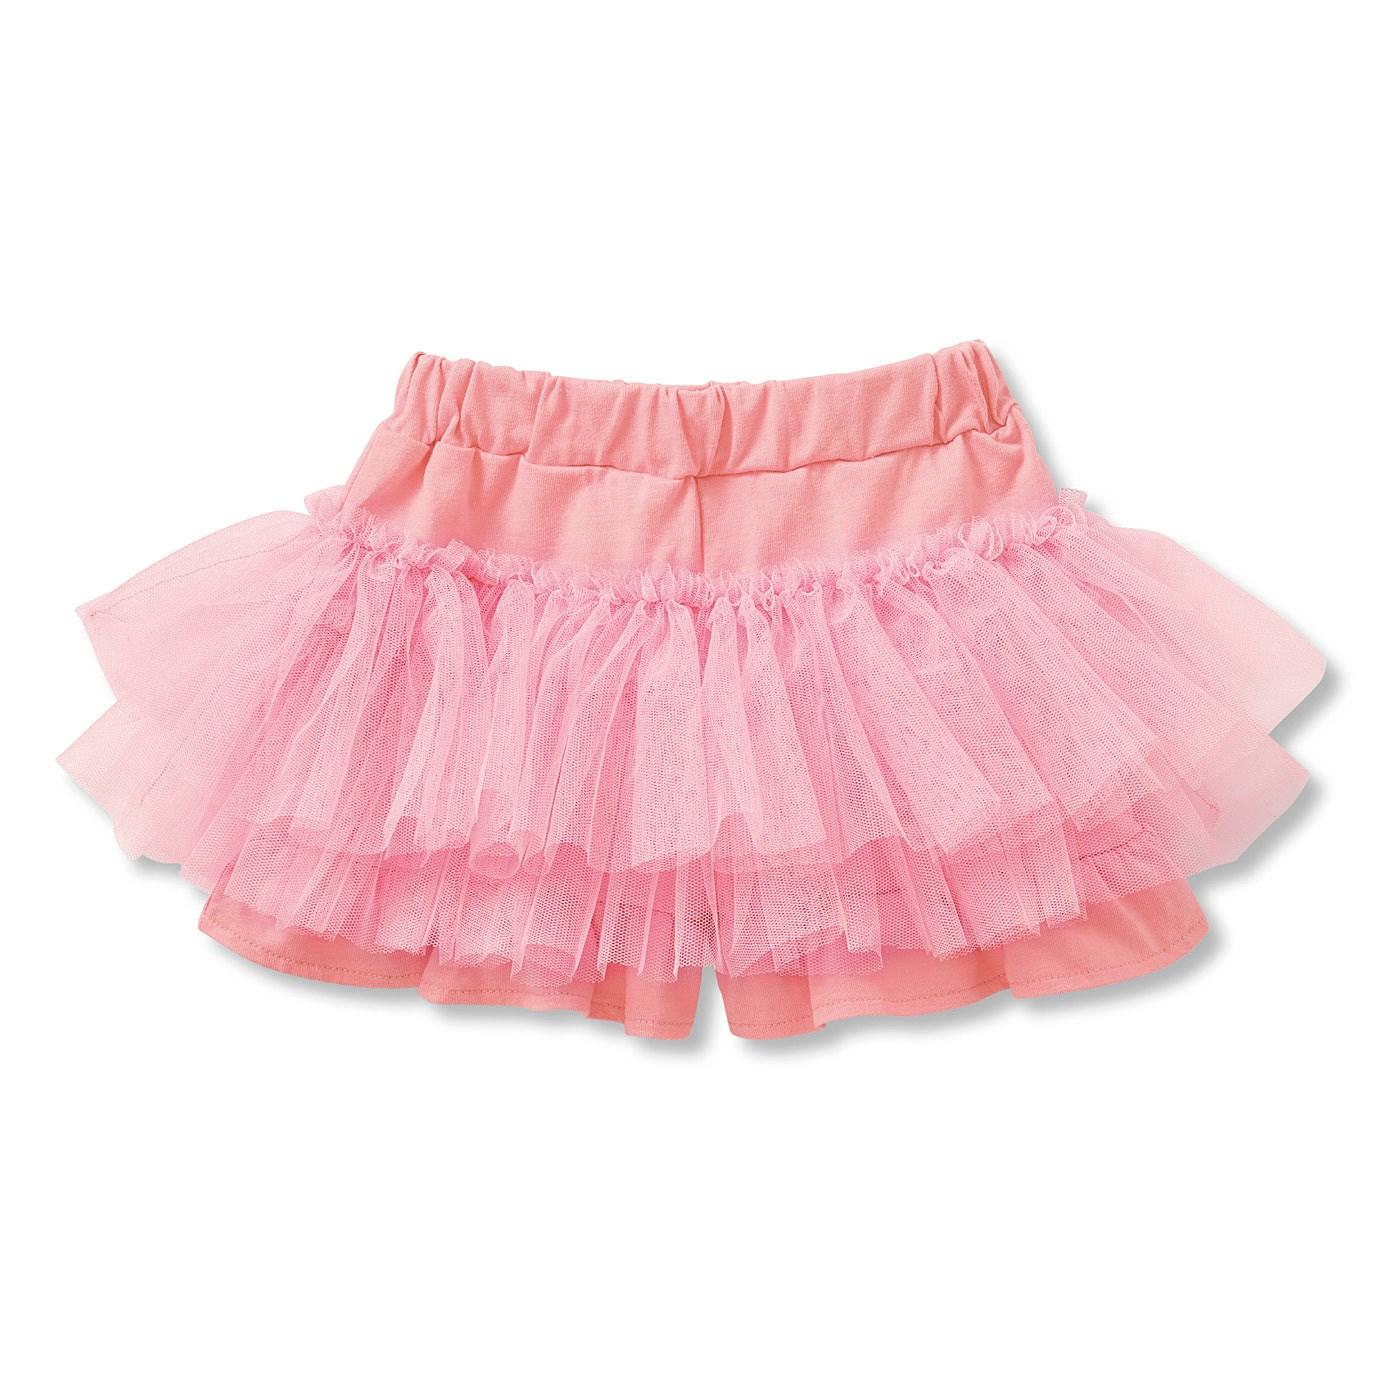 かわいいのに動きやすい ふわっふわのチュチュスカパン(ピンク)